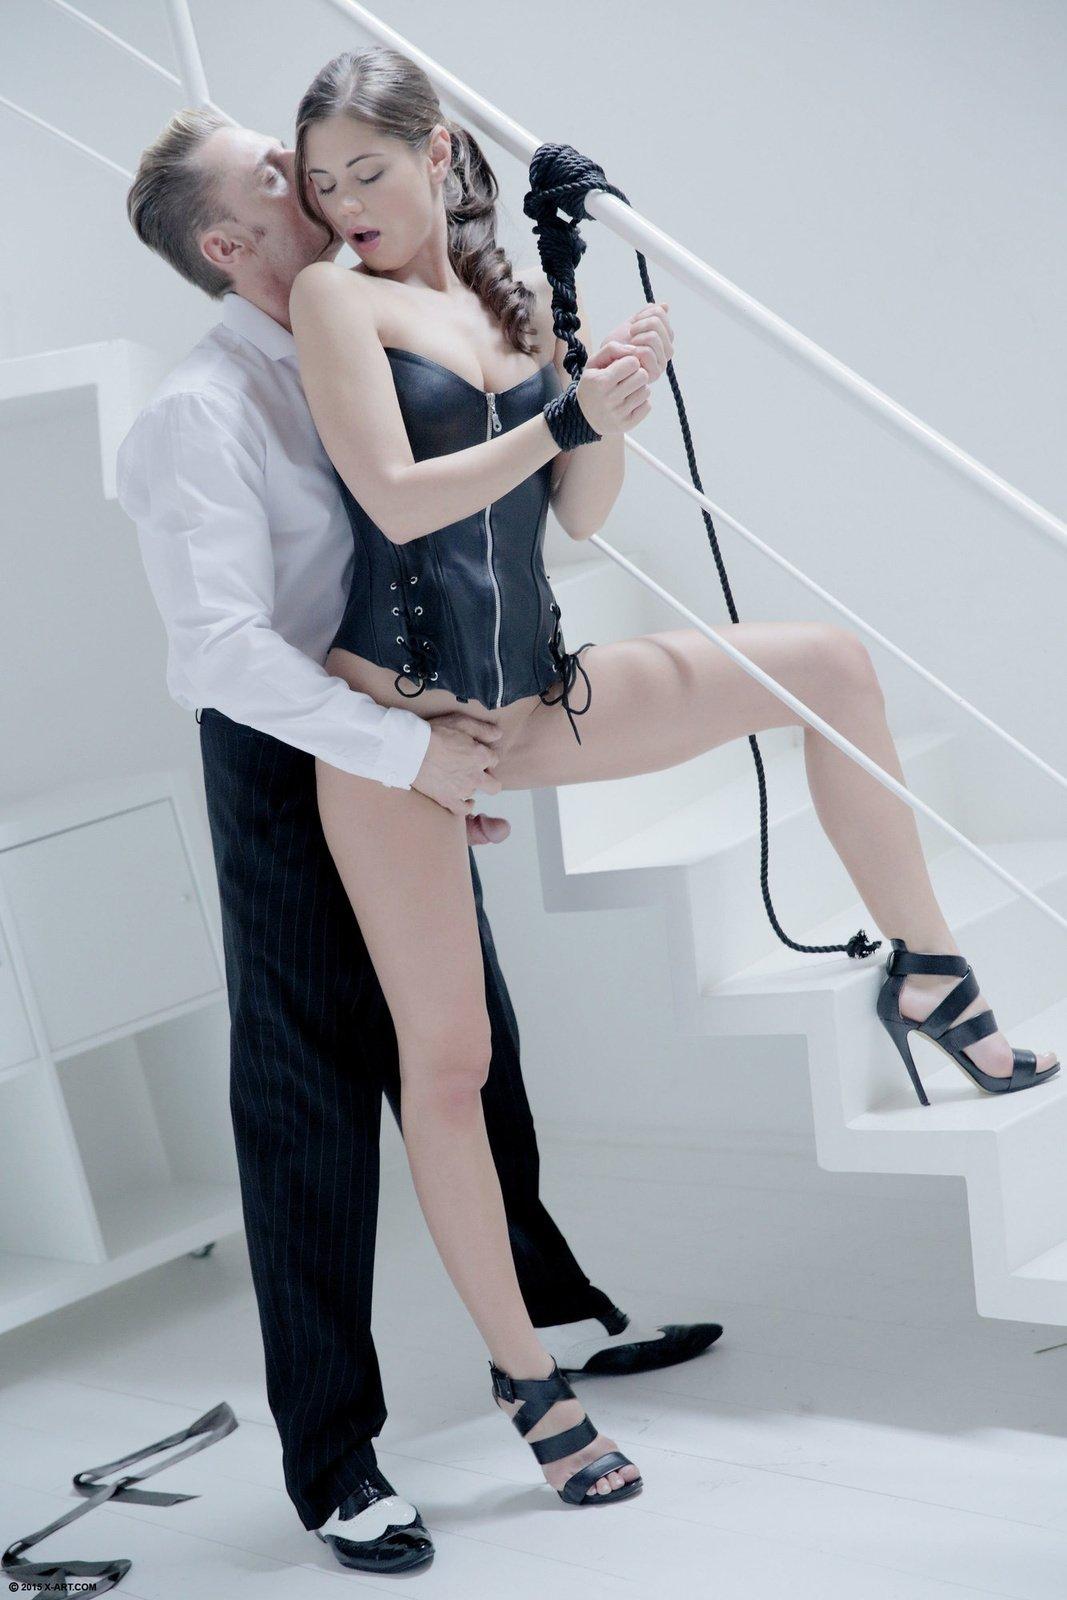 Эффектной и очень сексуальной подружке натыкал в ротик